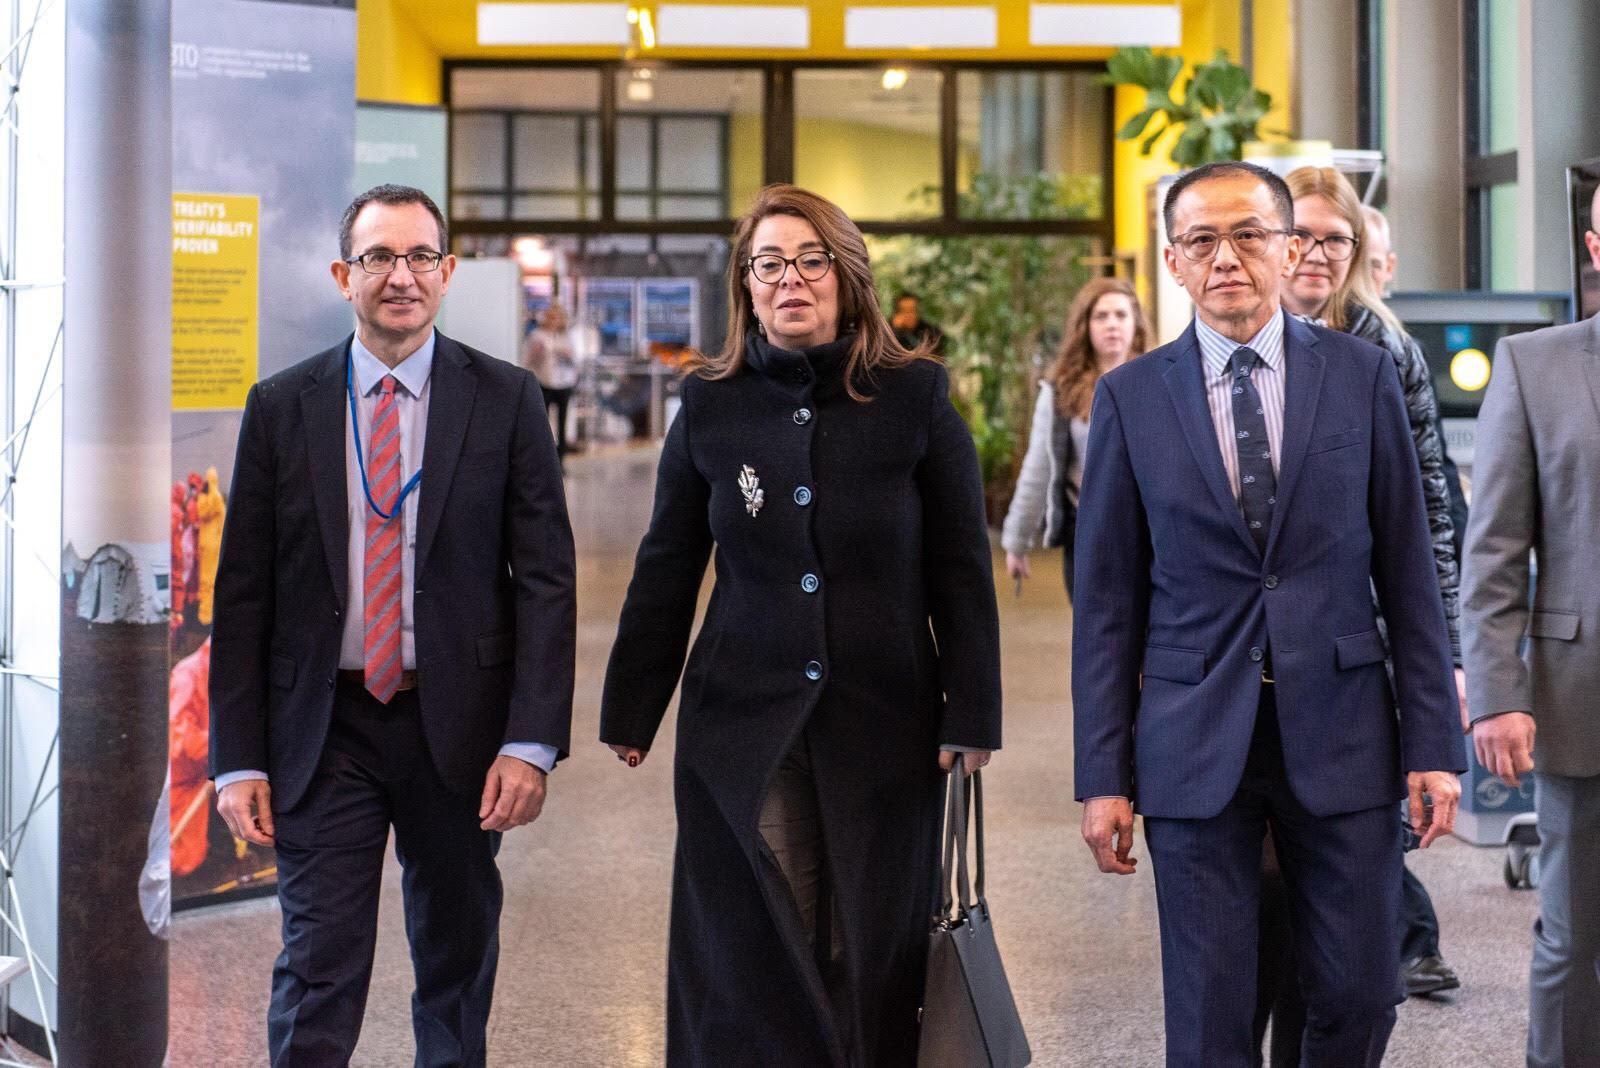 صور | غادة والى تتسلم مهام منصبها الدولى بالأمم المتحدة فى فيينا